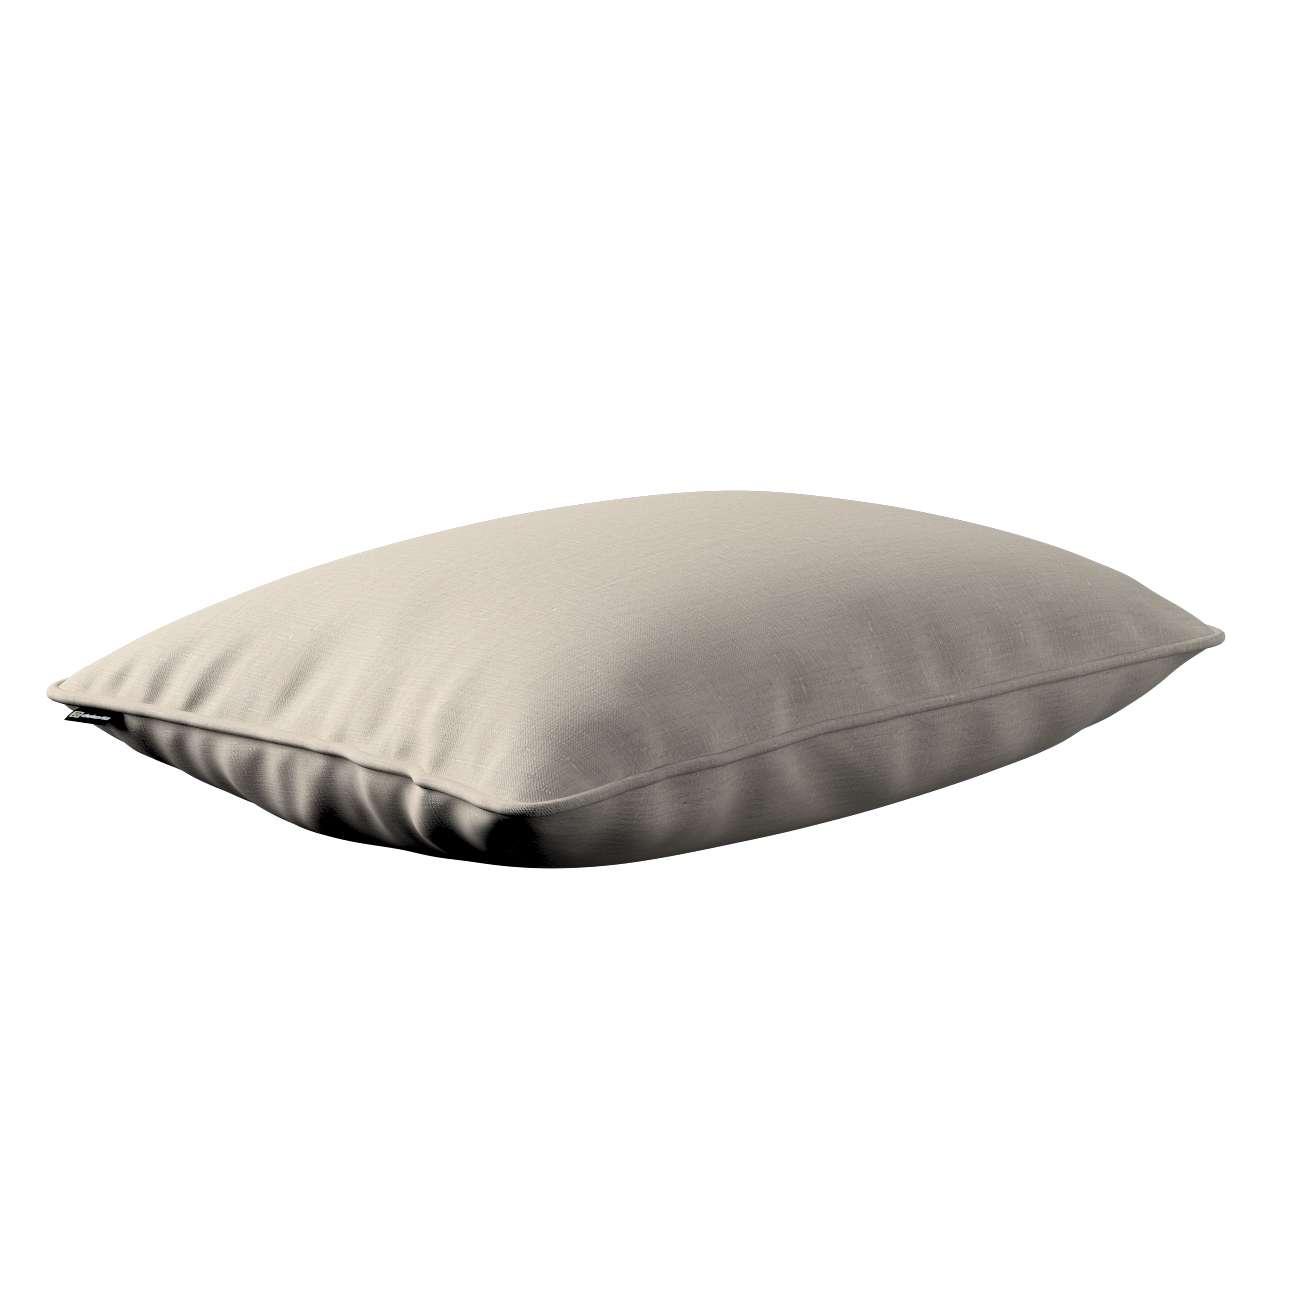 Poszewka Gabi na poduszkę prostokątna 60 x 40 cm w kolekcji Linen, tkanina: 392-05